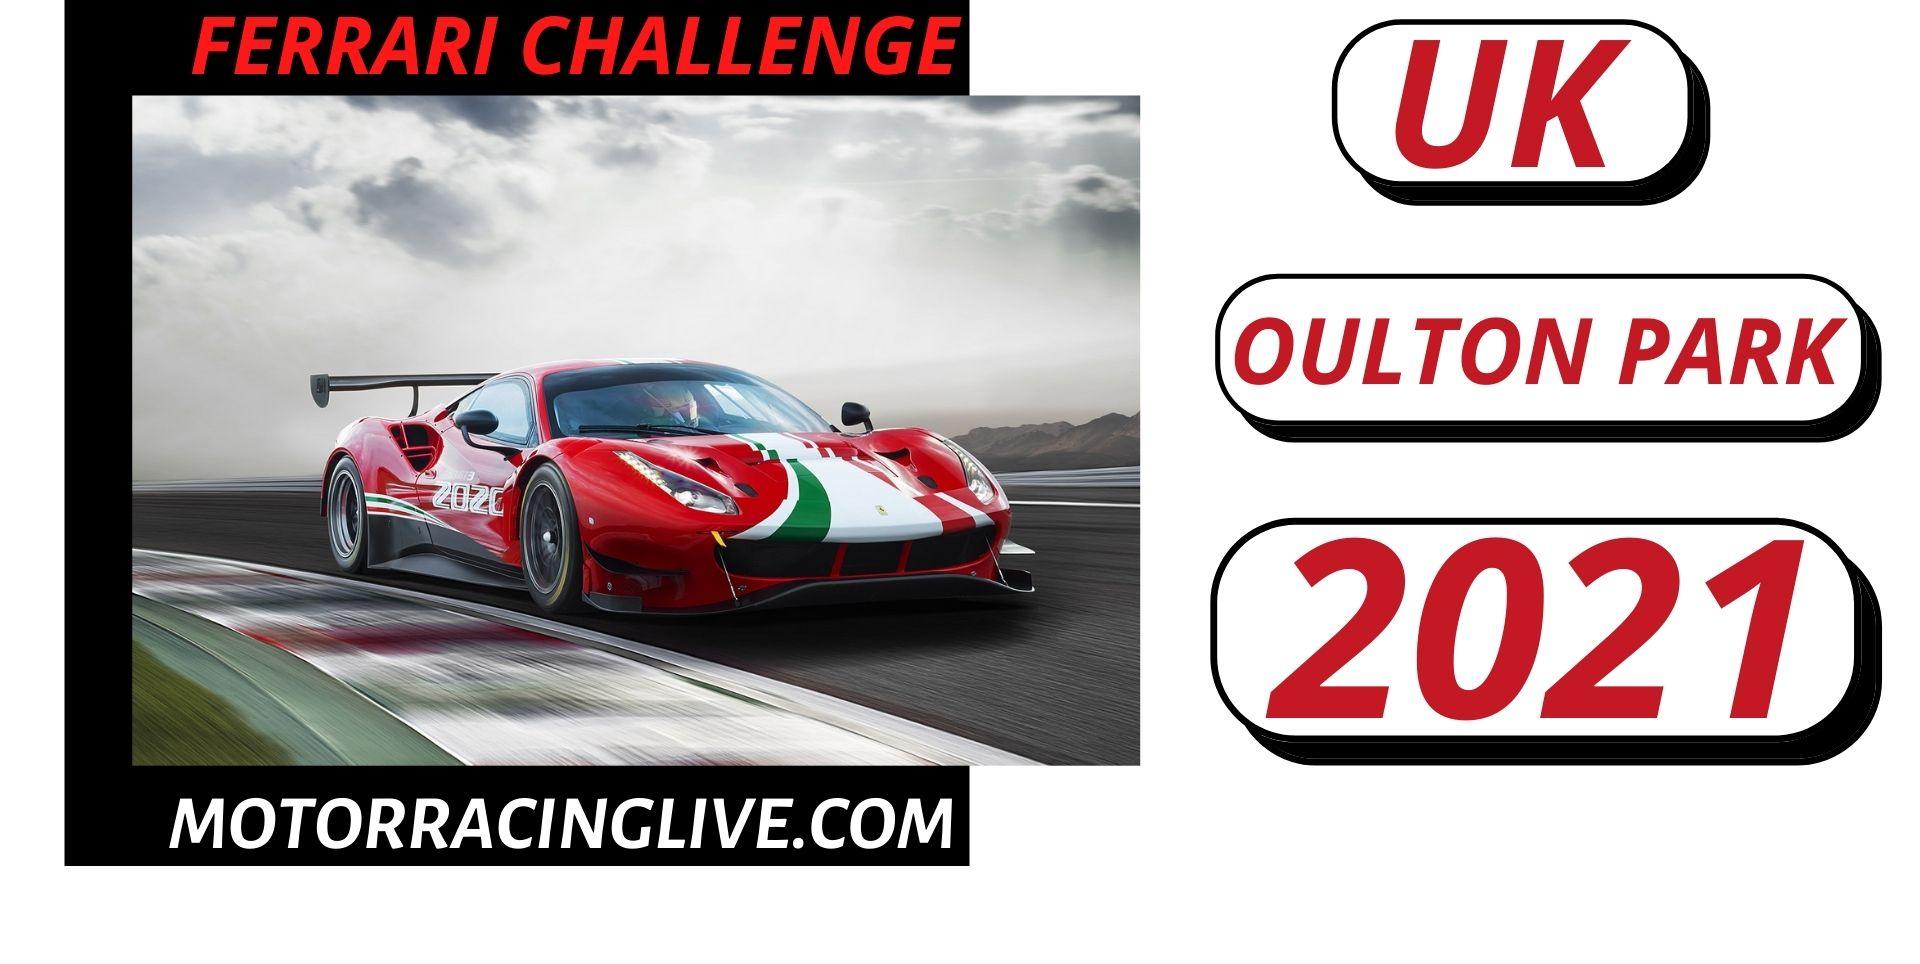 Oulton Park Ferrari Challenge UK Live Stream 2021